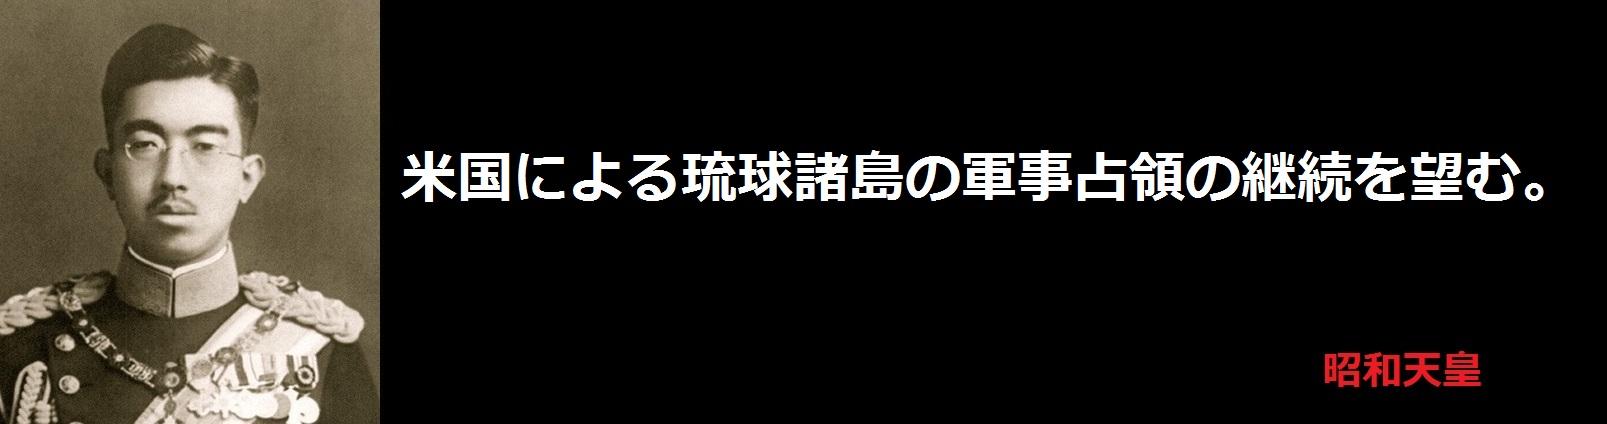 f:id:JAPbuster:20170519193011j:plain